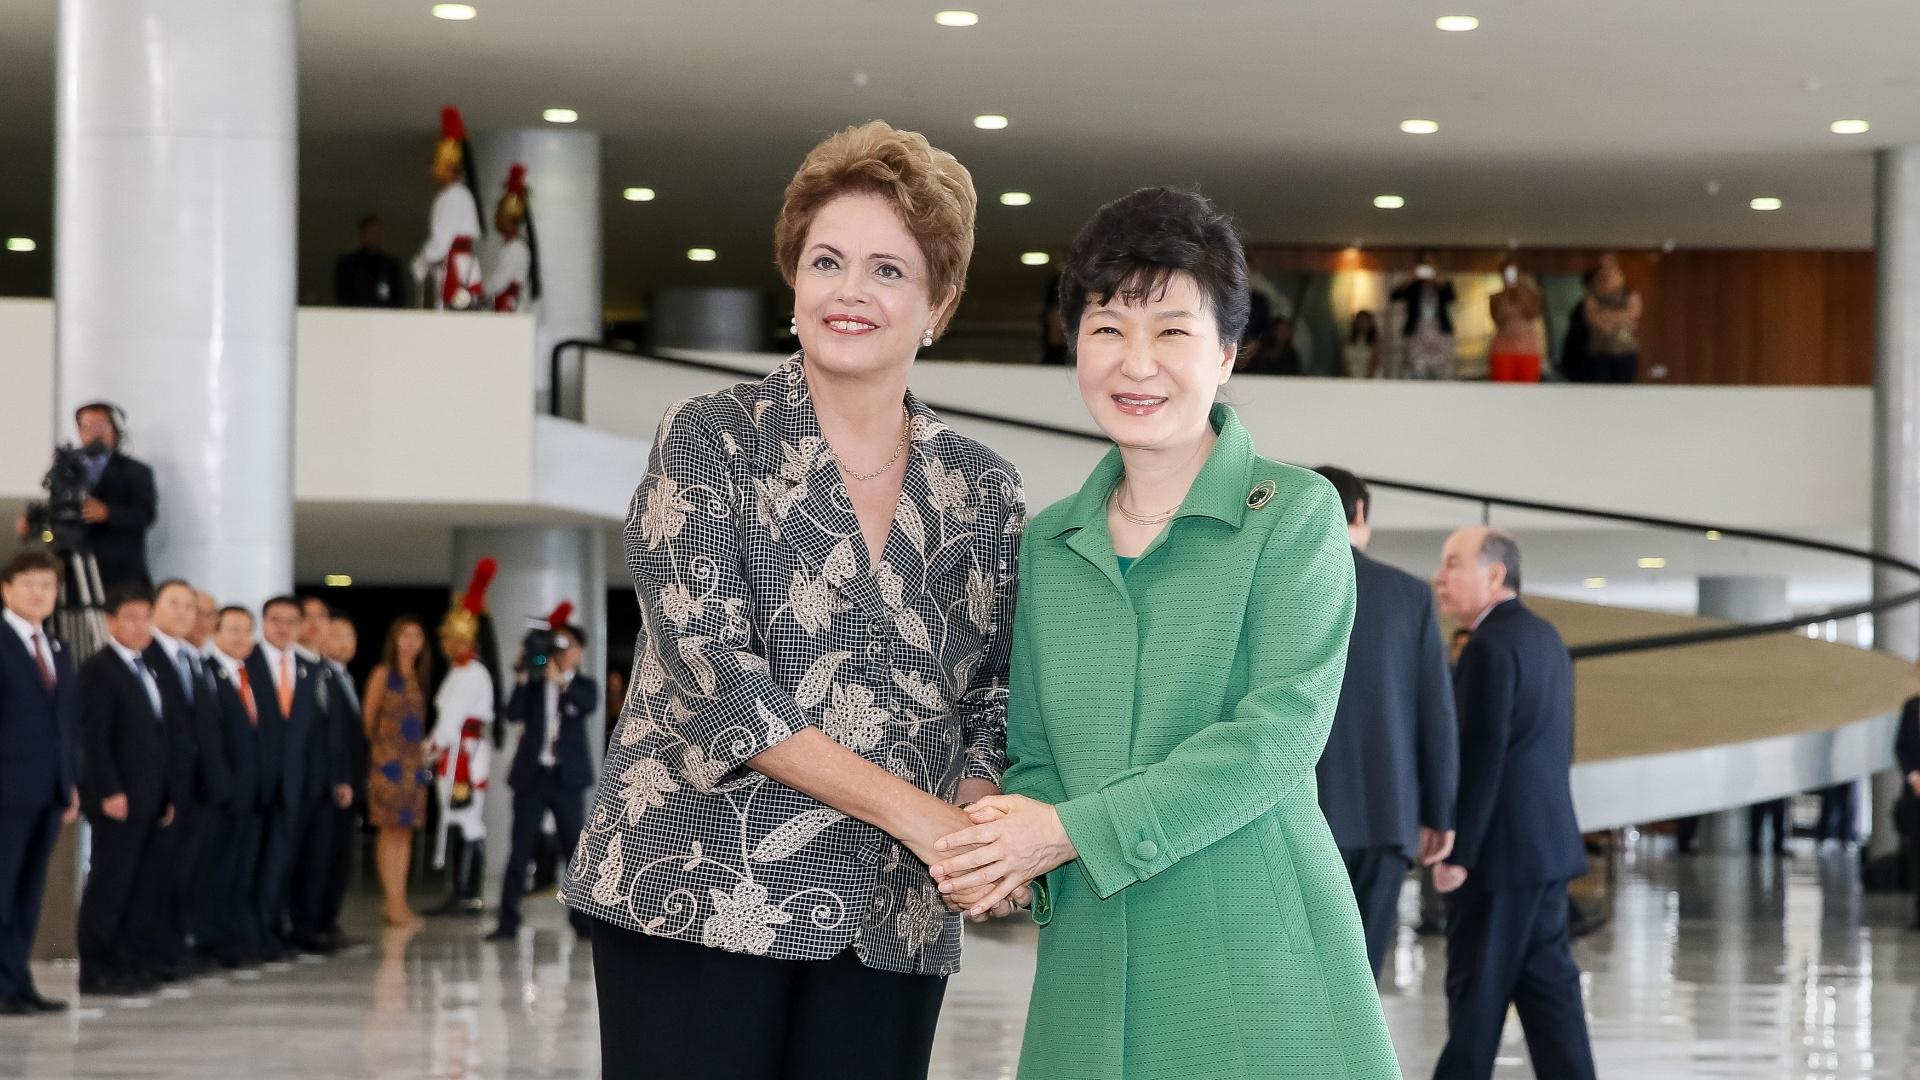 24.abr.2015 - A presidente Dilma Rousseff recebeu nesta sexta-feira (24), com honras de Estado, a governante sul-coreana, Park Geun-hye, que terminará no Brasil uma viagem sul-americana que passou pela Colômbia, Peru e Chile